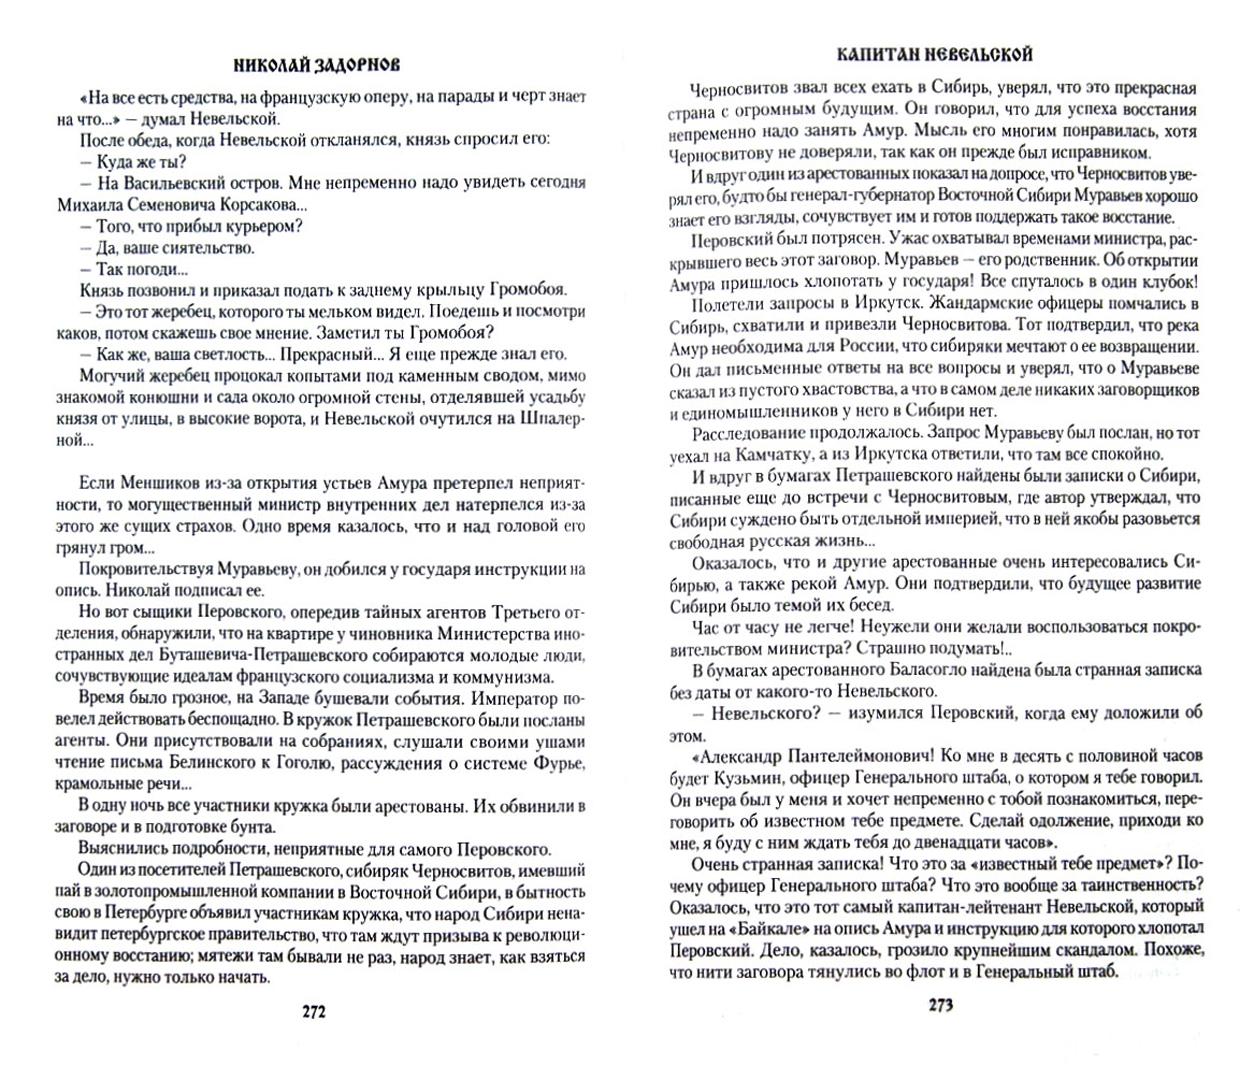 Иллюстрация 1 из 19 для Капитан Невельской - Николай Задорнов | Лабиринт - книги. Источник: Лабиринт